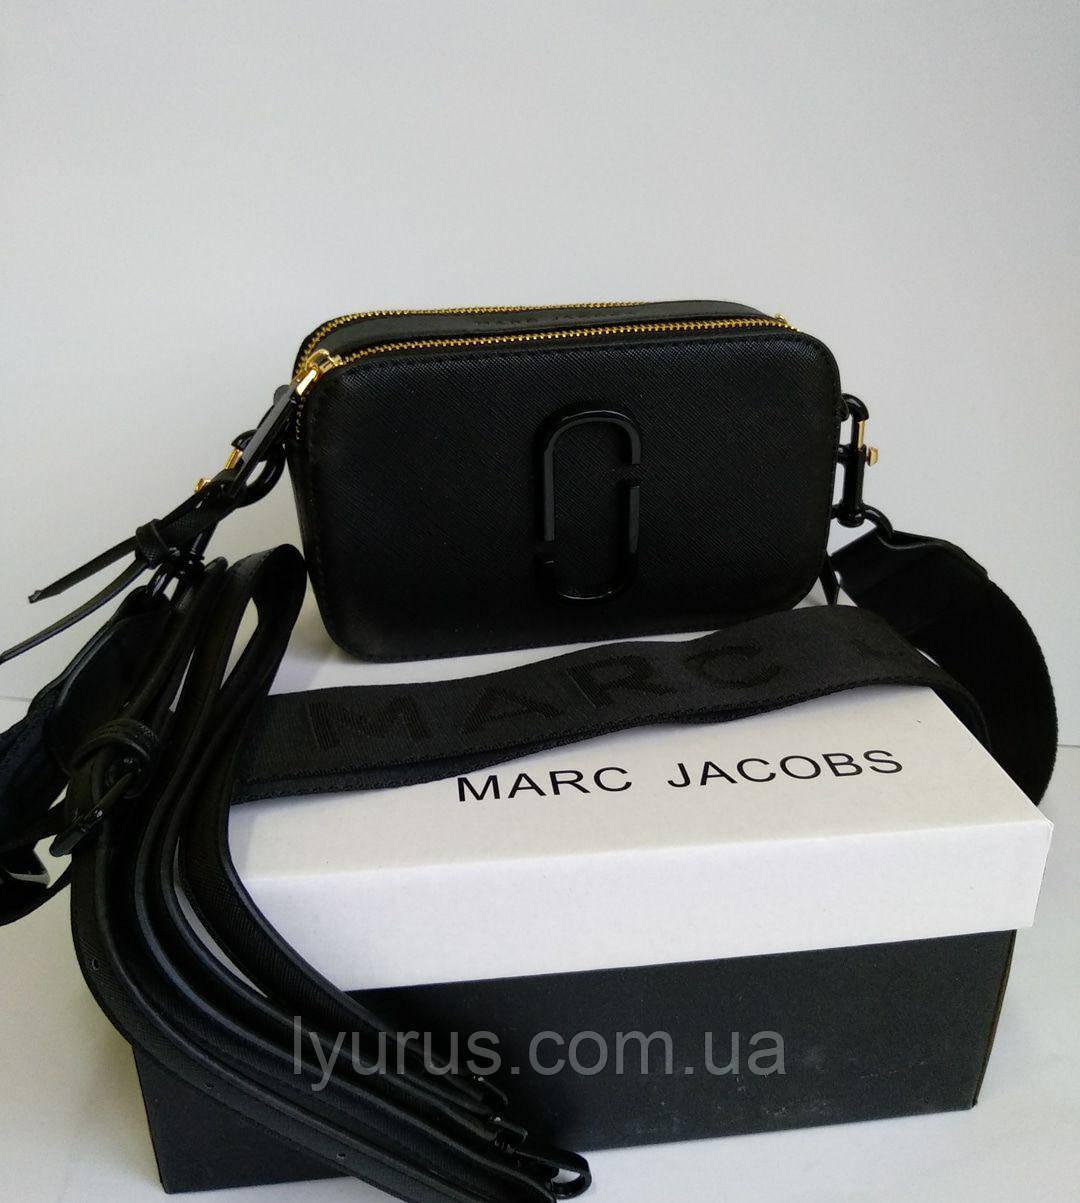 Сумка женская черная Marc Jacobs на змейке цвета золото